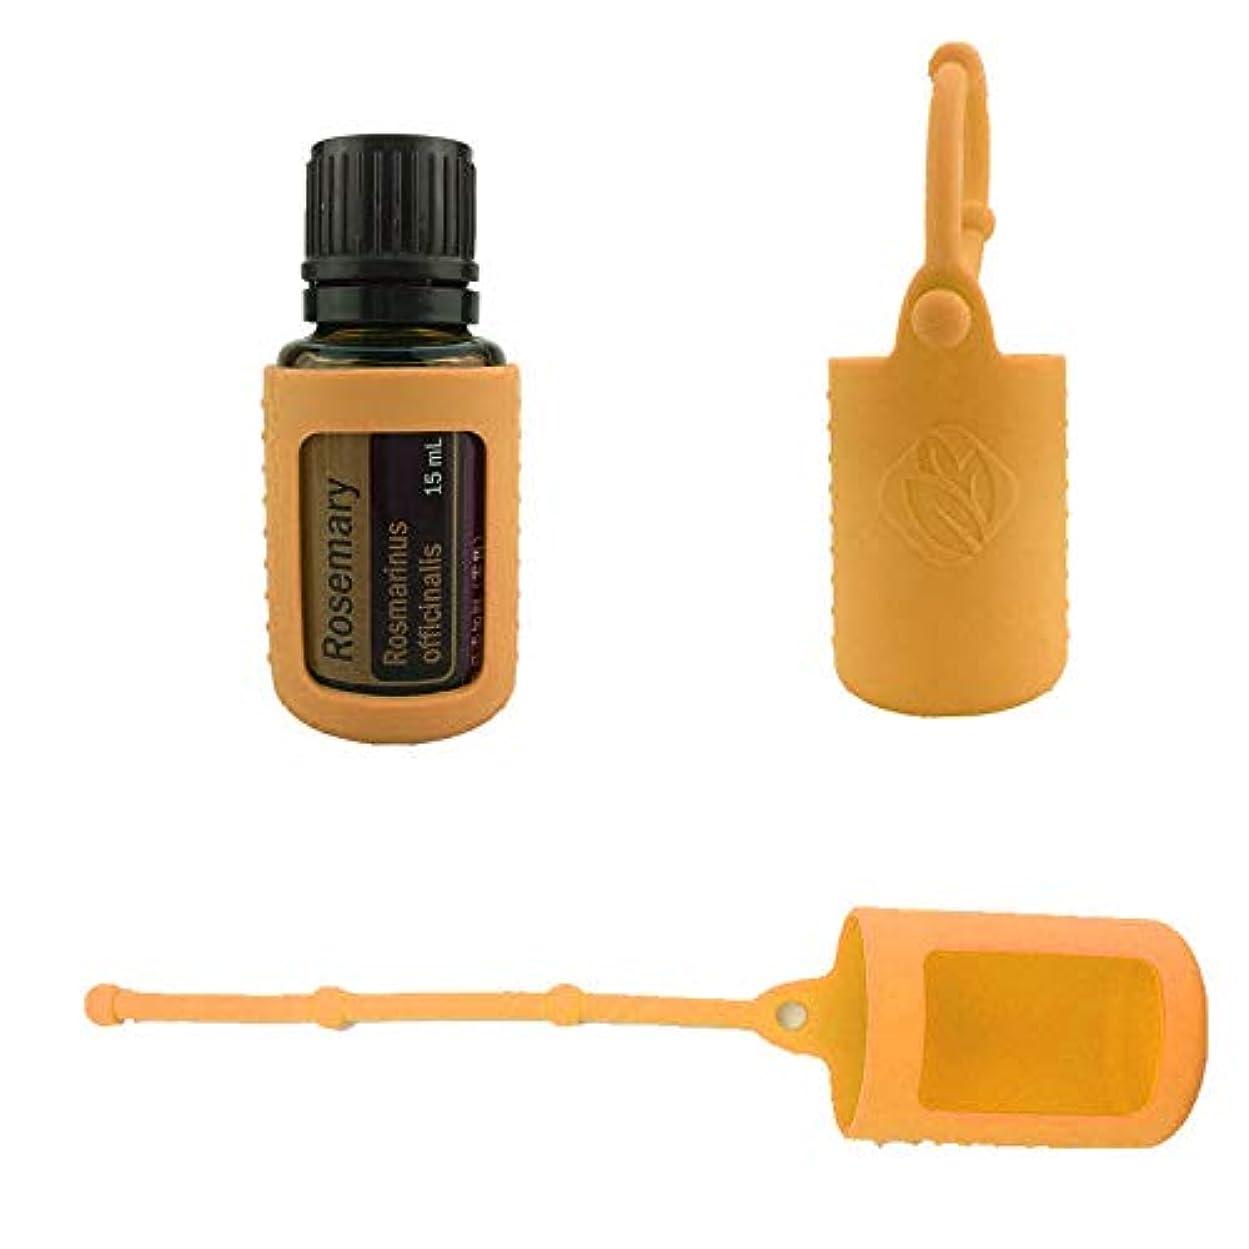 6パック熱望オイルボトルシリコンローラーボトルホルダースリーブエッセンシャルオイルボトル保護カバーケースハングロープ - オレンジ - 6-pcs 5ml